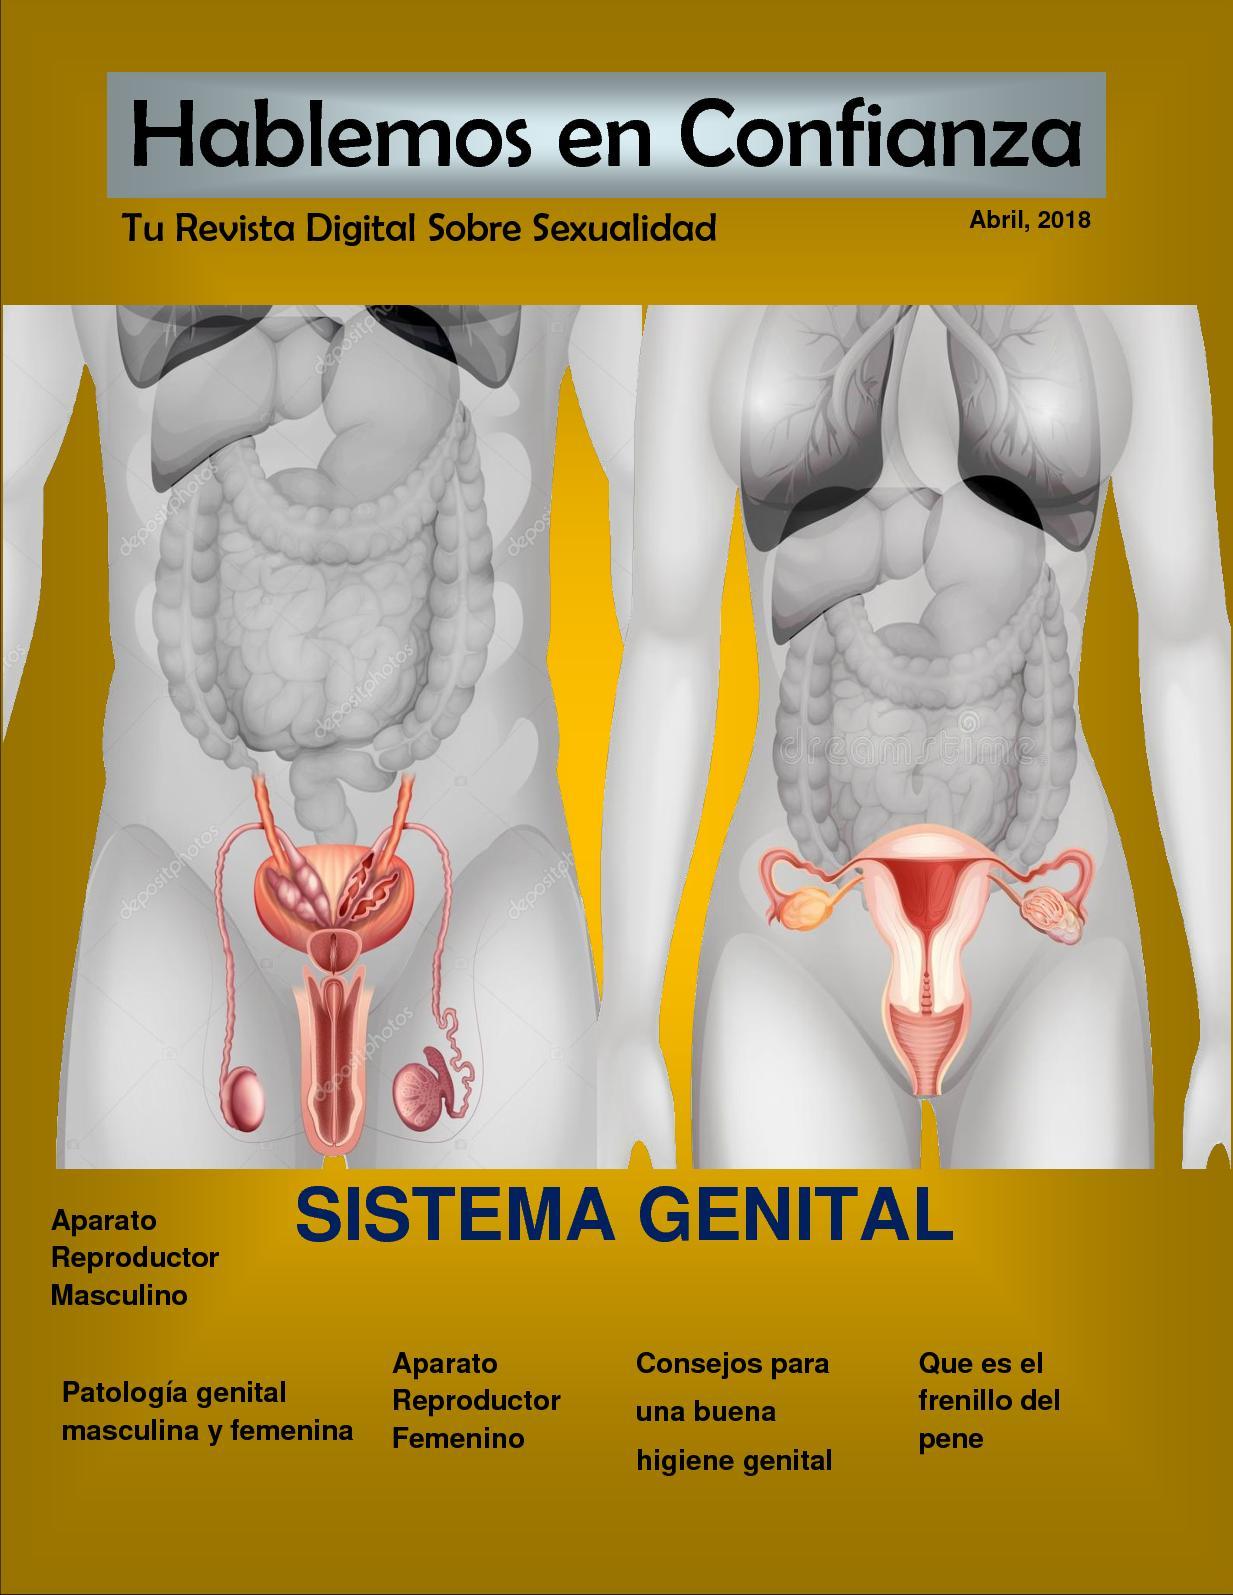 dolor en el ganglio linfático inguinal durante la erección